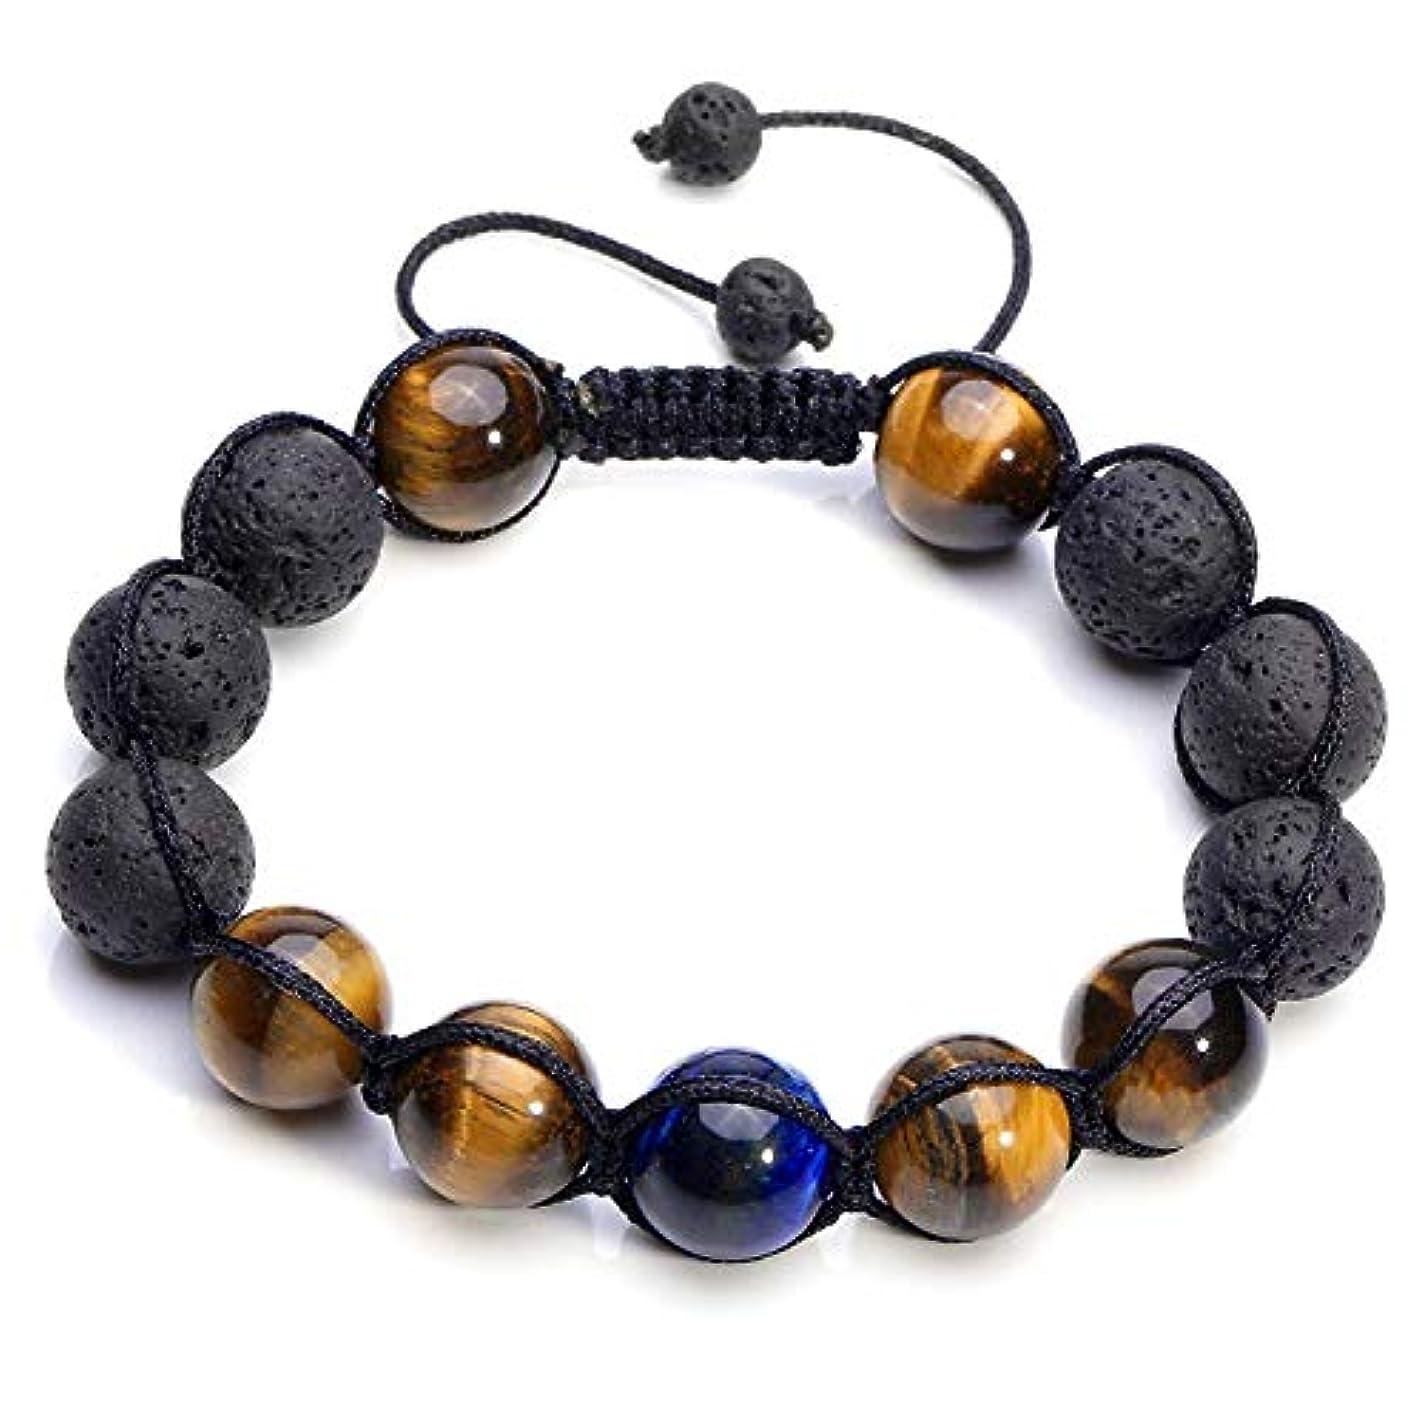 キノコアレイバングcrystaltears Adjustable Tiger Eye & Calm Lava Stone Diffuserブレスレット – 瞑想、接地自己自信、アロマセラピー、ヒーリング、エッセンシャルオイル、